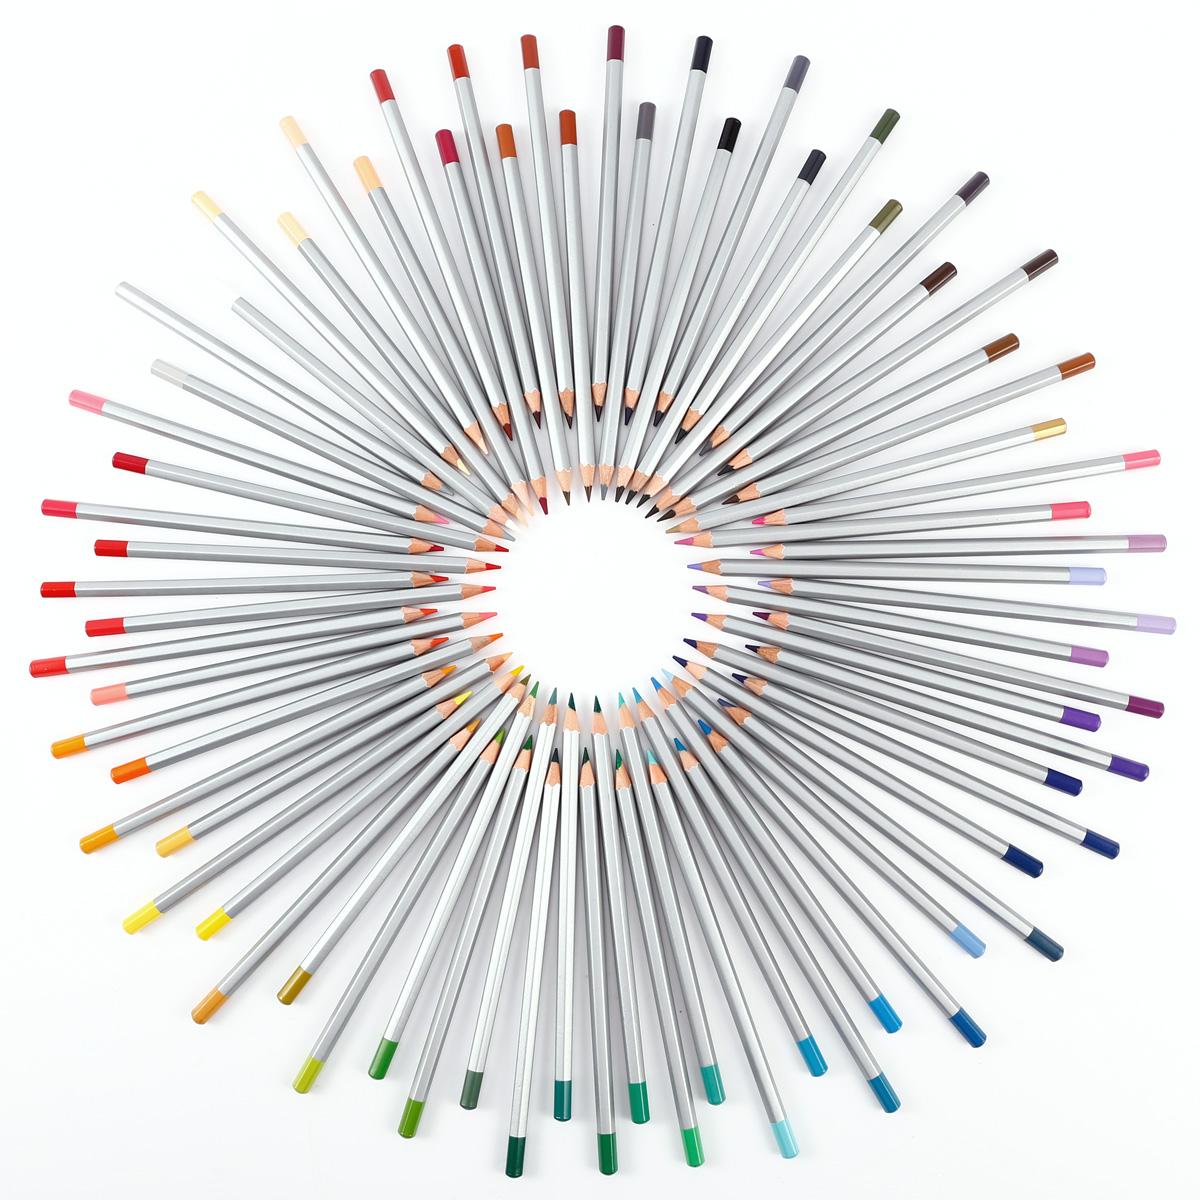 72x crayon de couleur 174mm Matériel de dessin pour Peinture de